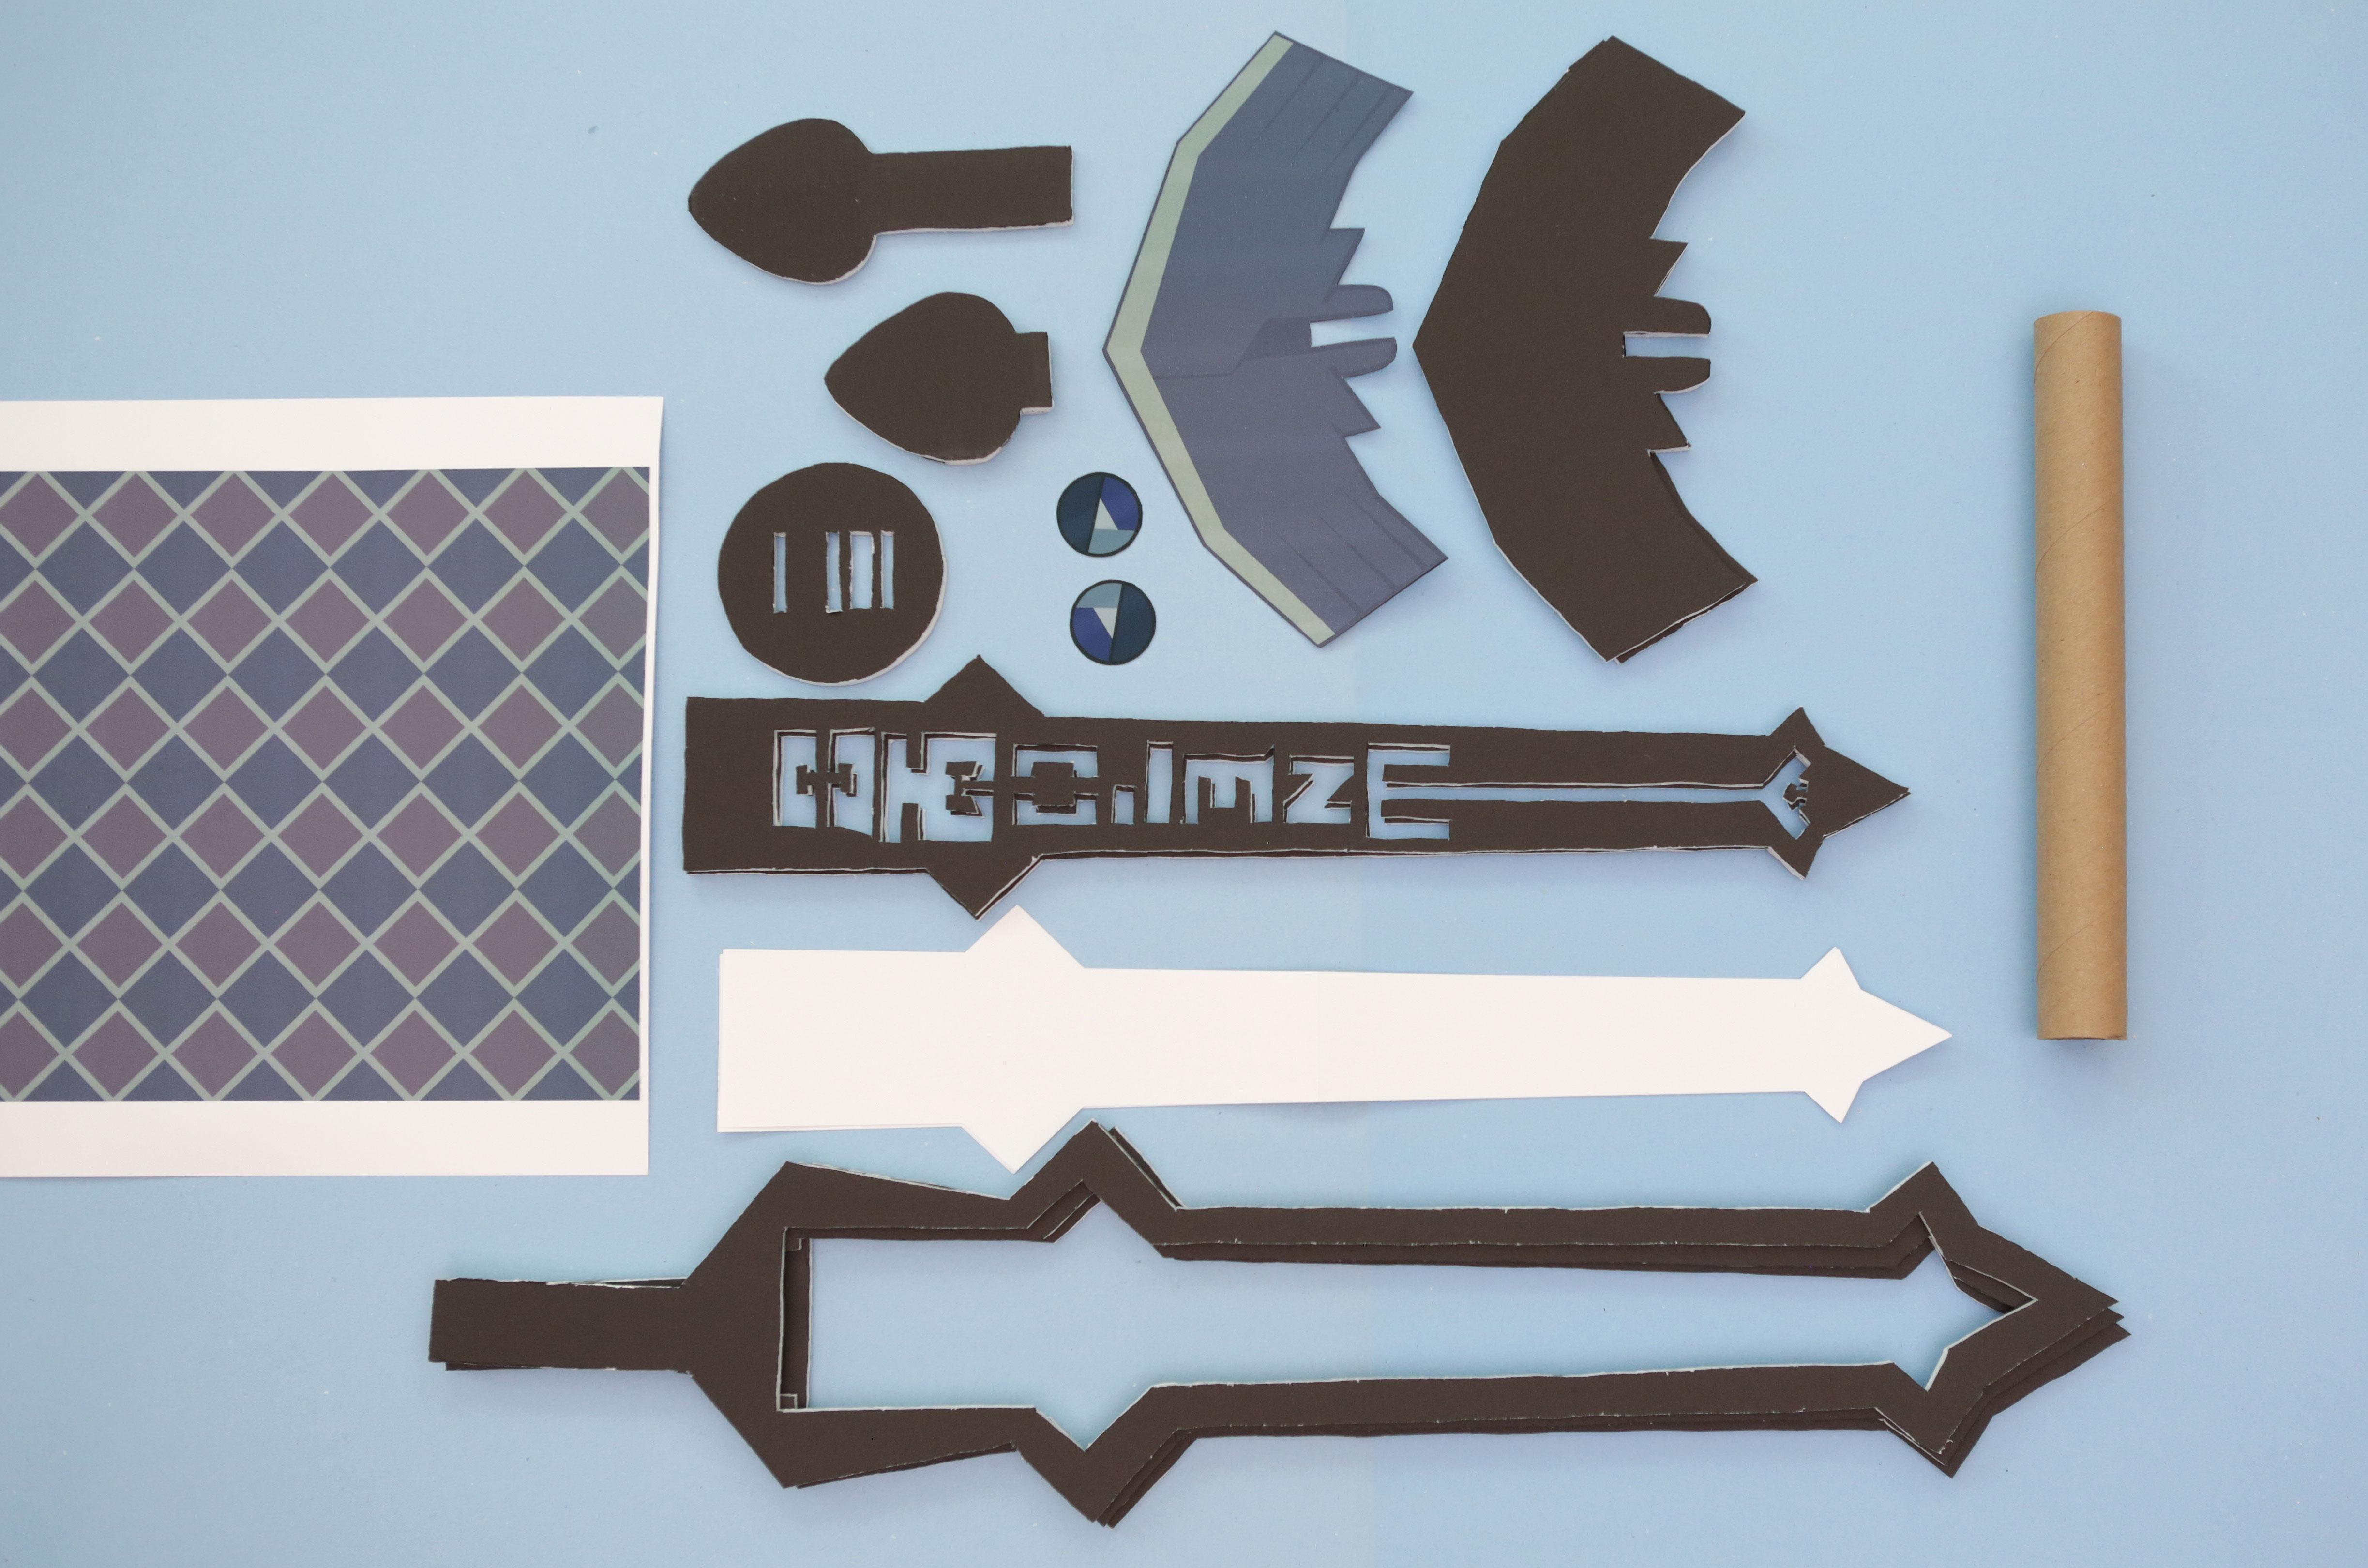 makecode_foam-parts.jpg